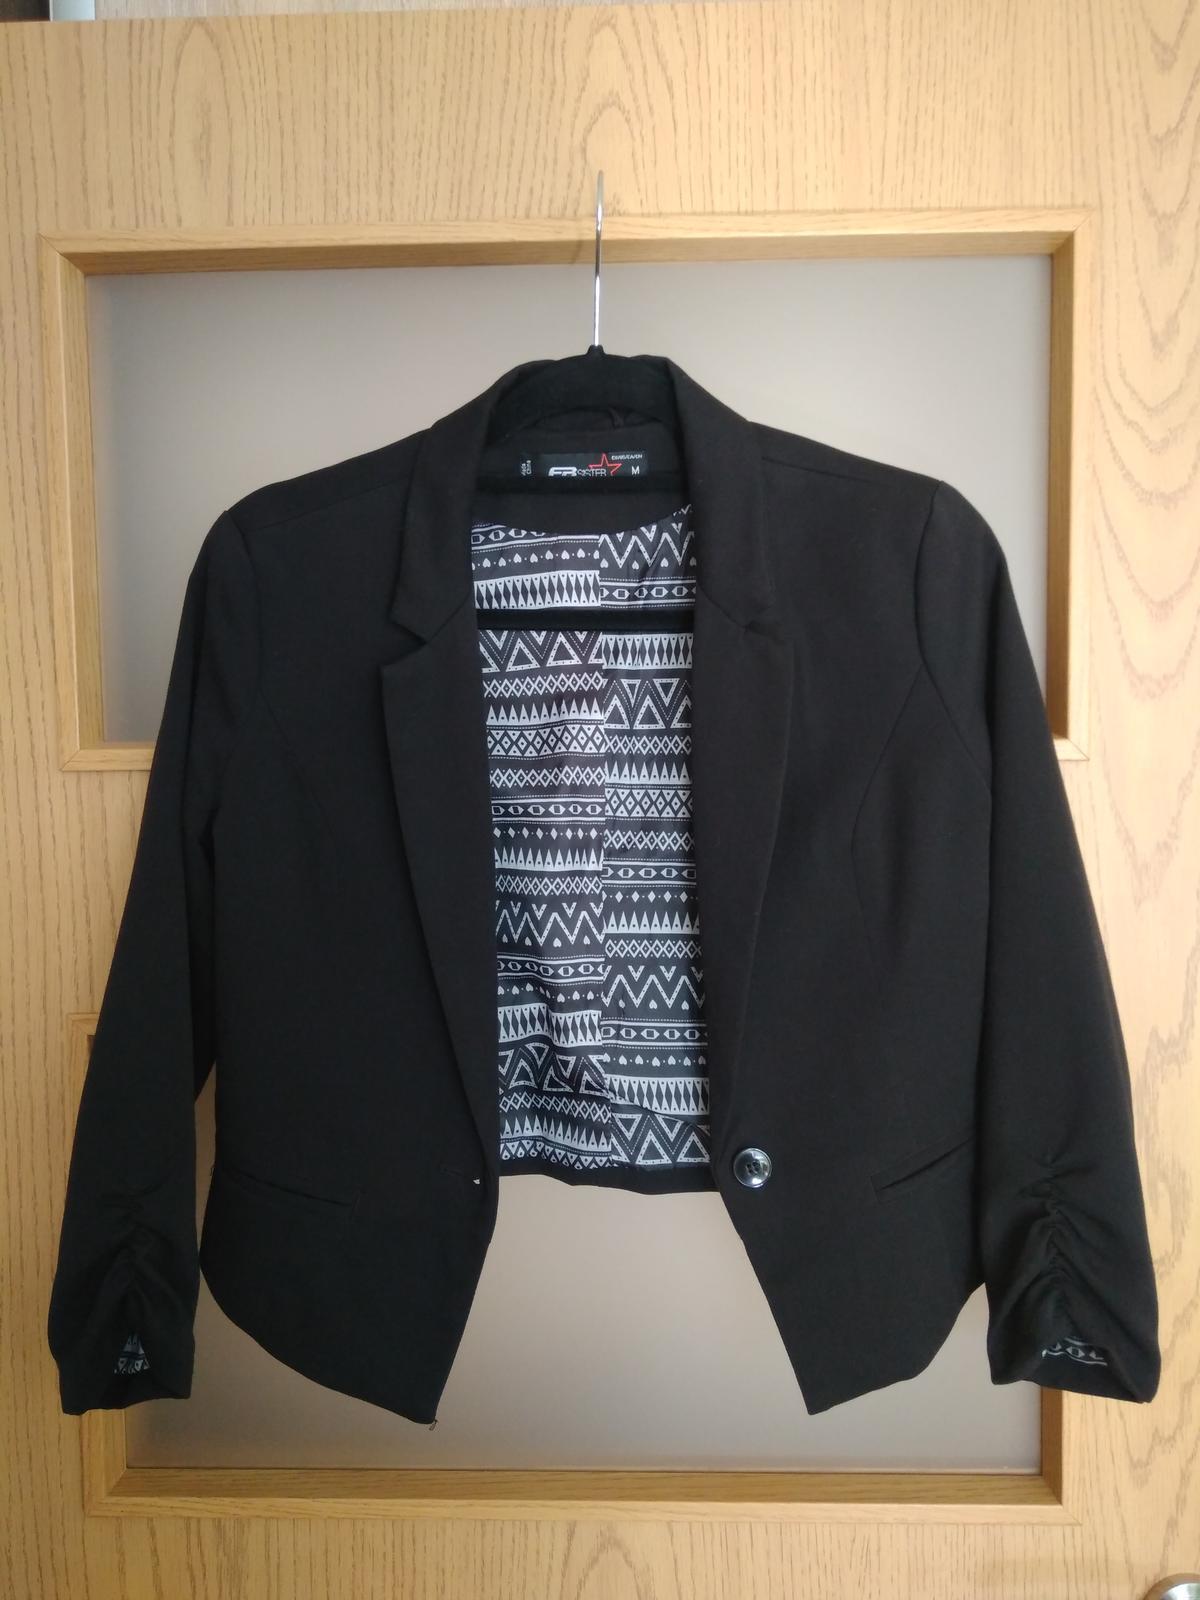 Dámsky kabátik, sačko - Obrázok č. 1